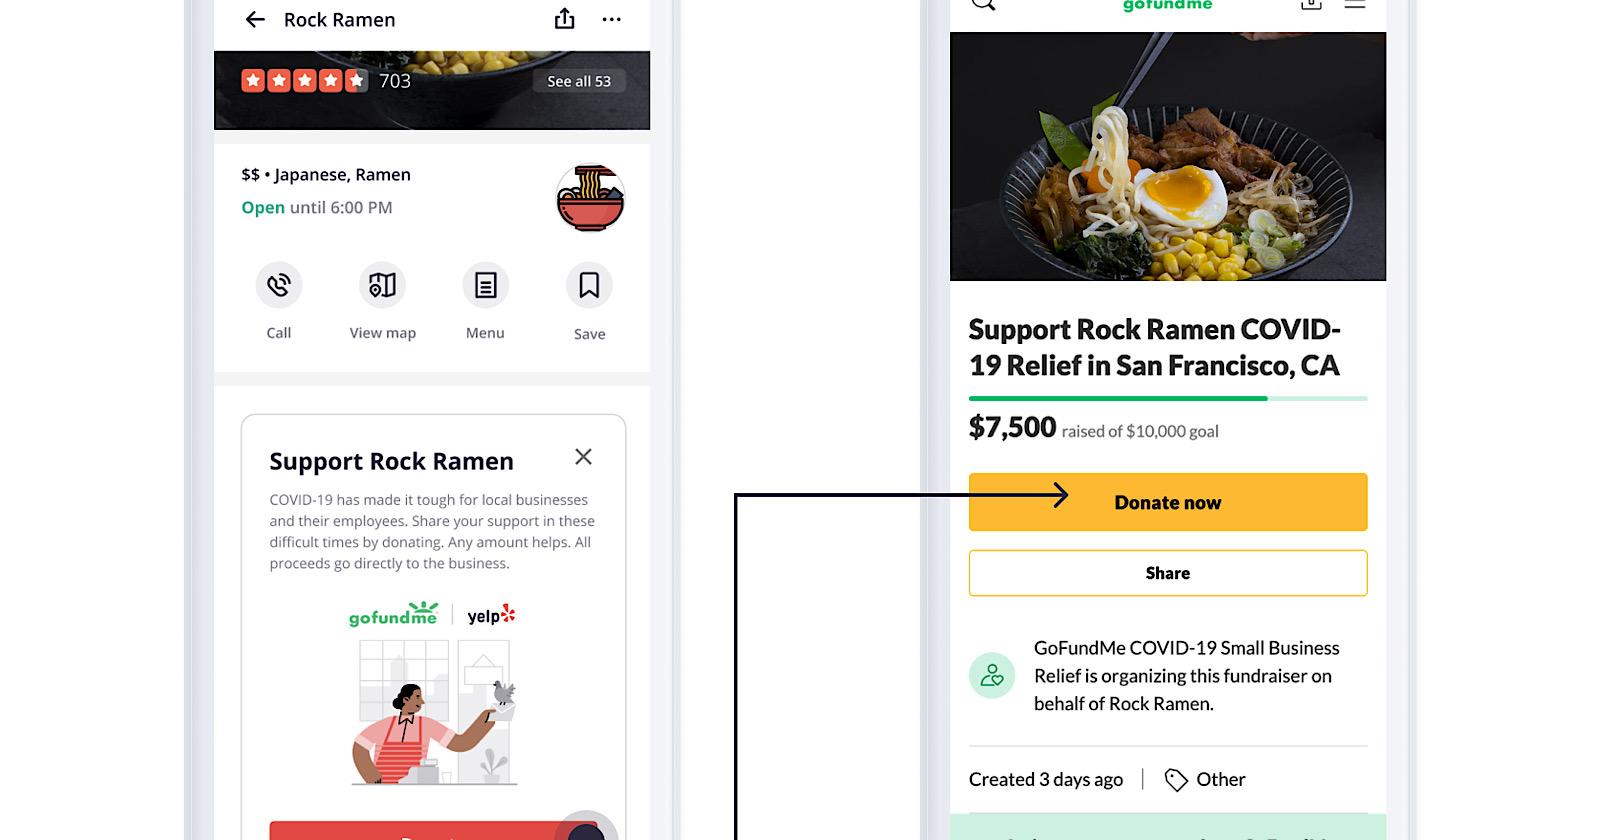 Yelp cho phép người dùng quyên góp cho các doanh nghiệp nhỏ để đáp ứng với việc đóng cửa ... 3